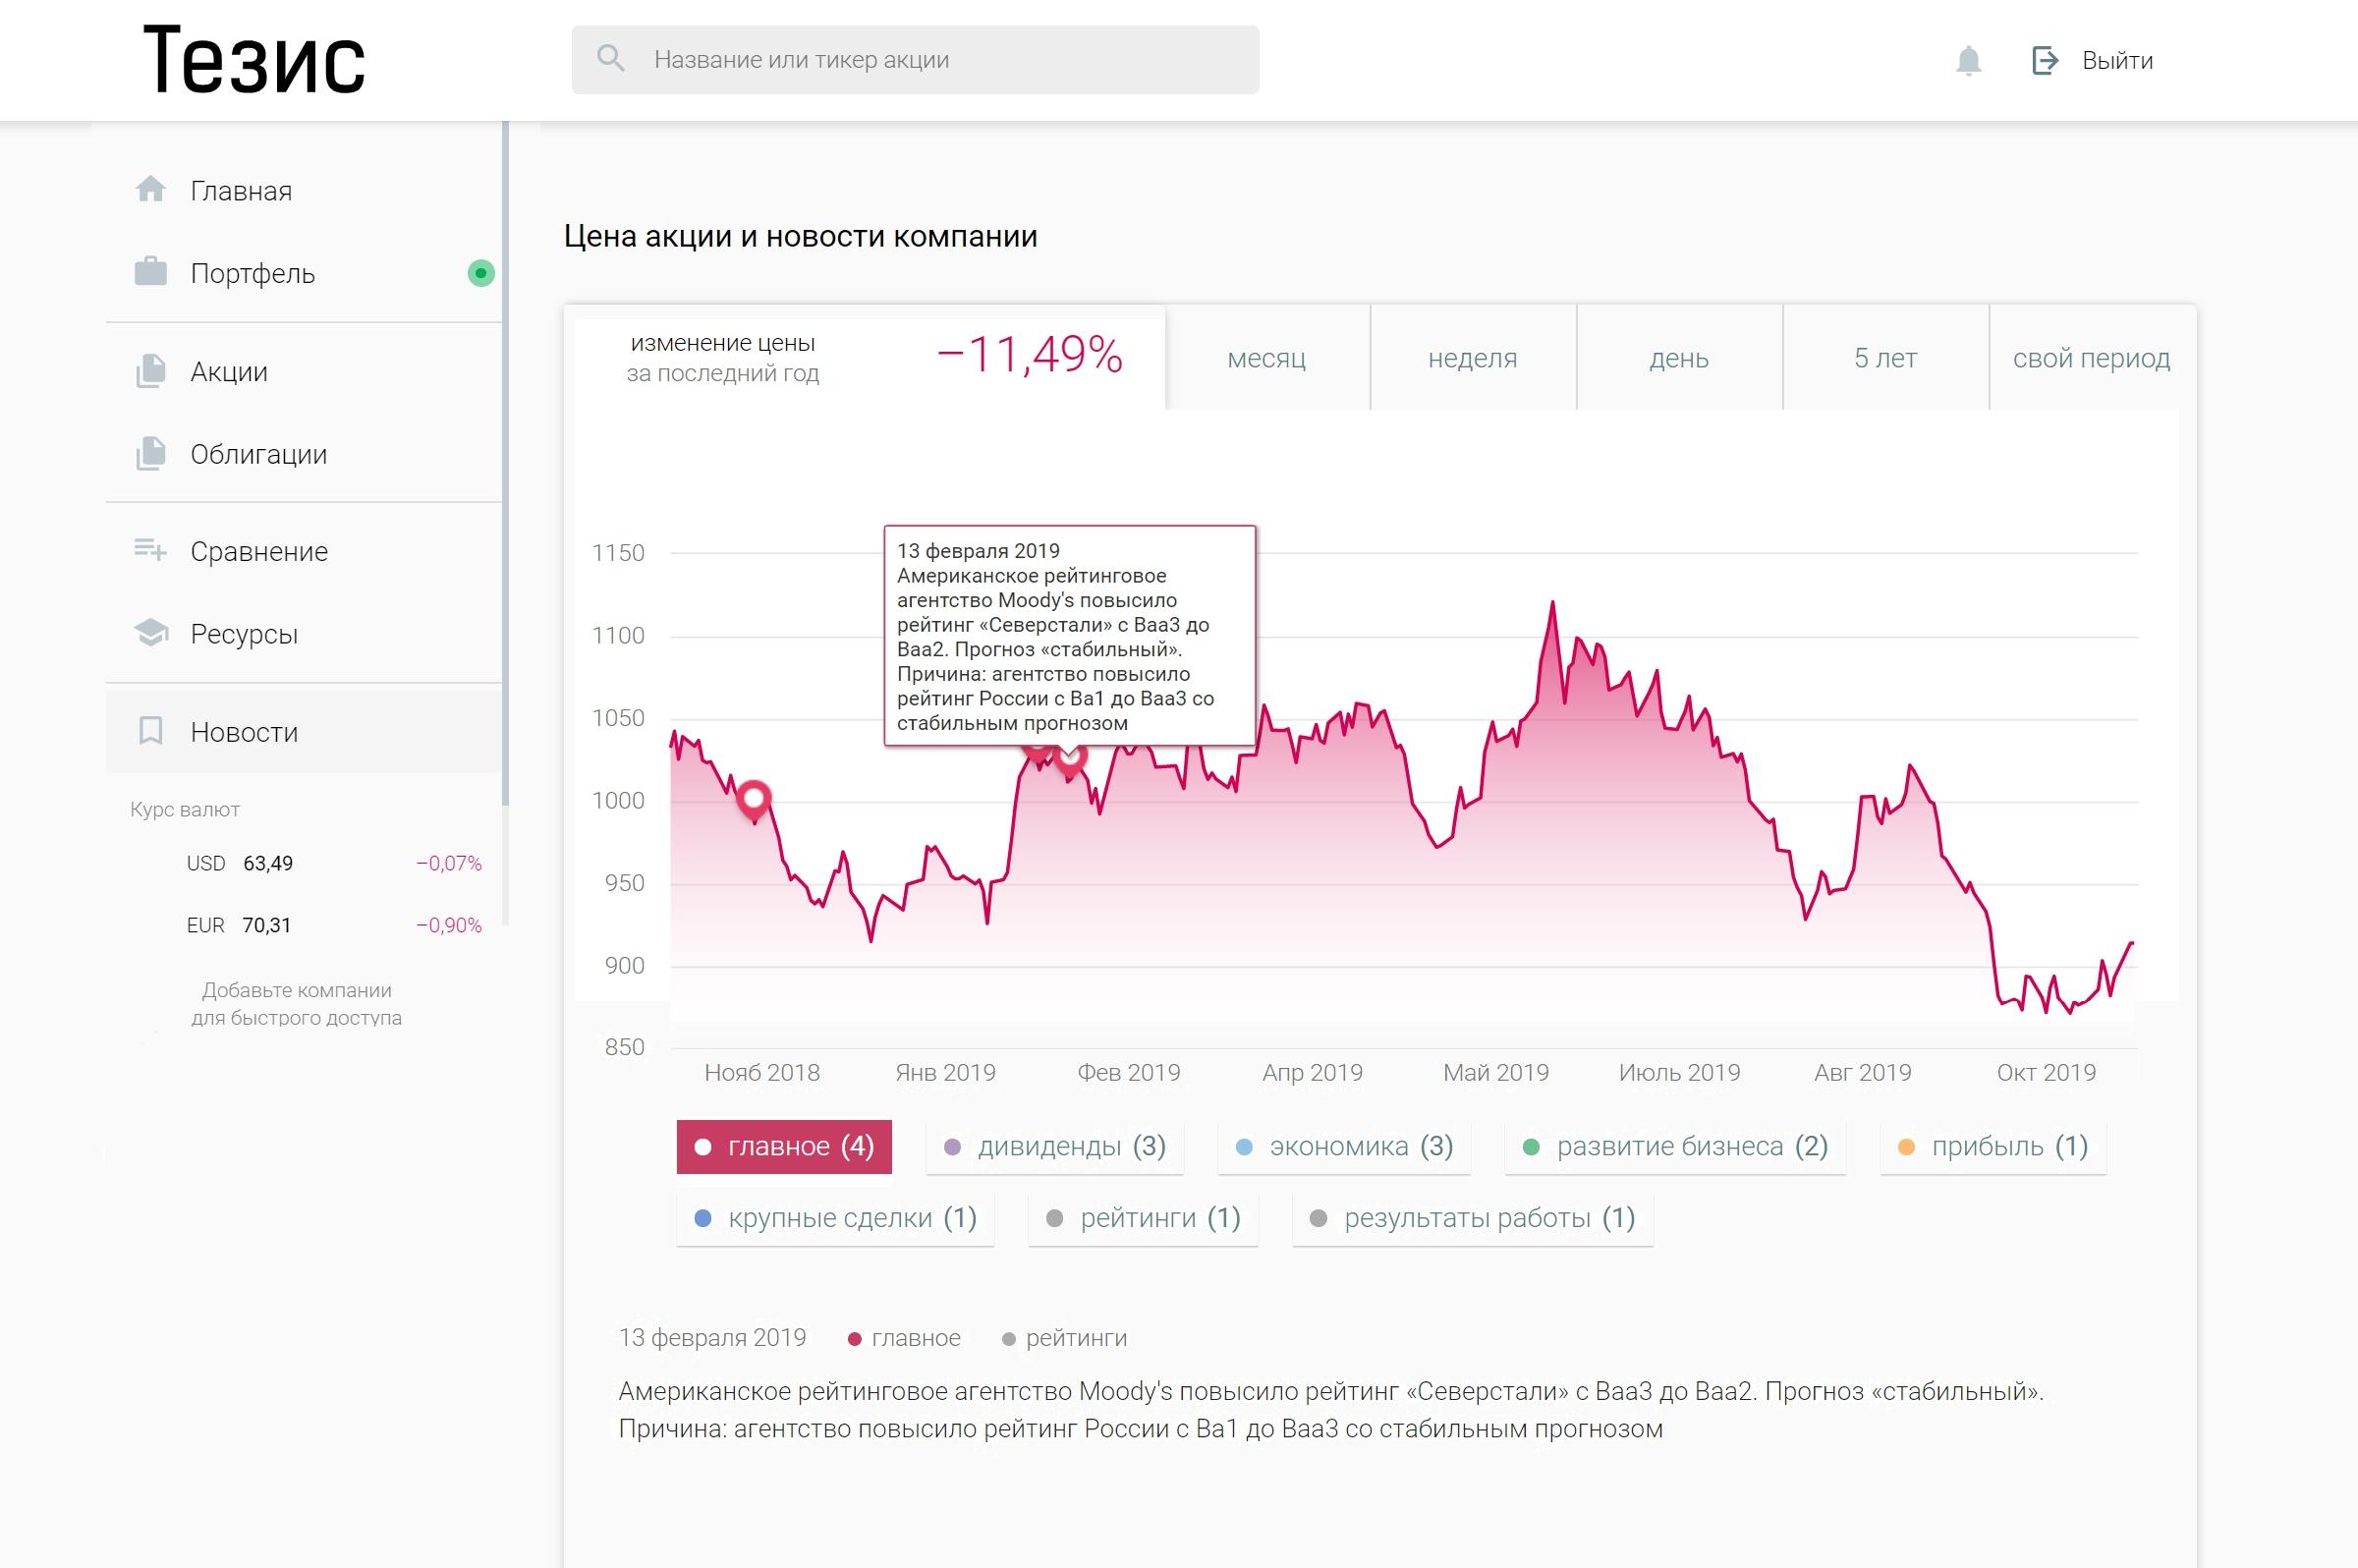 Отображение новостей на графике цены акций «Северстали»